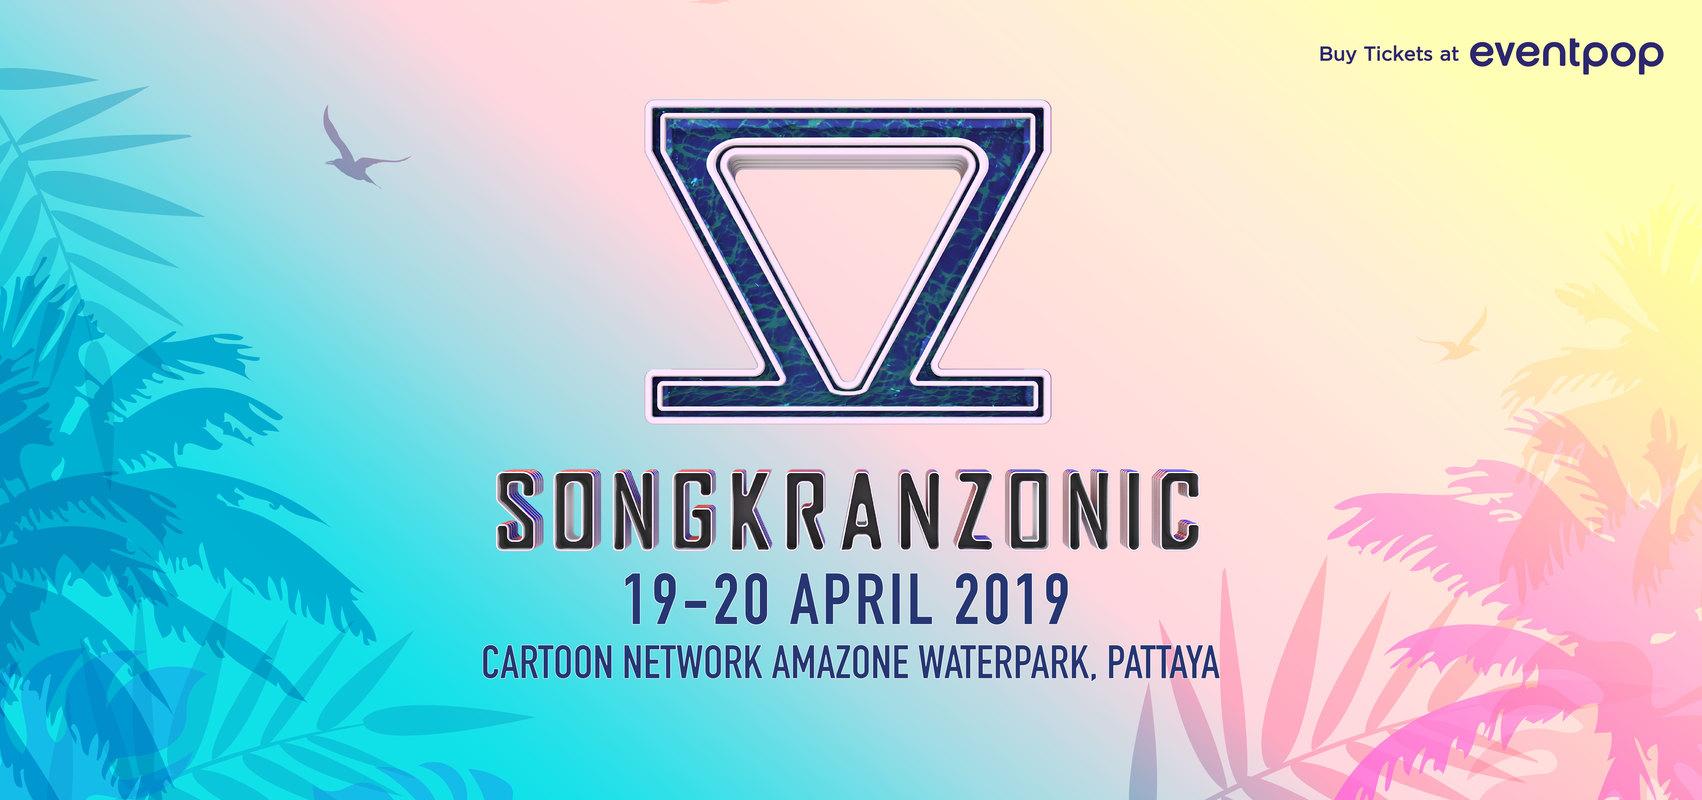 Skz eventpop 01